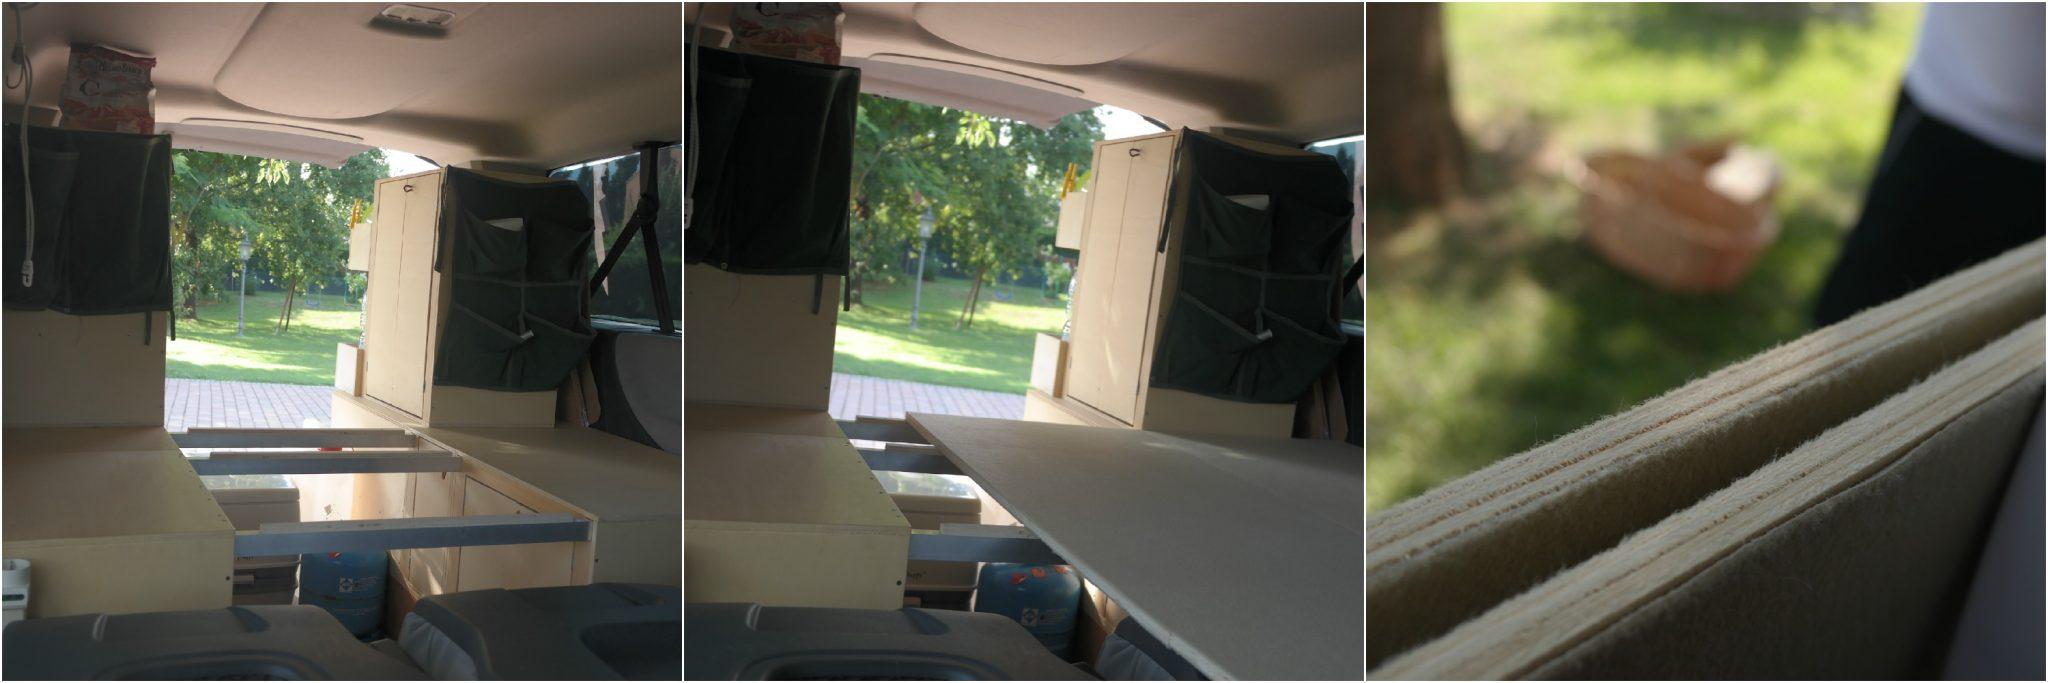 preprazione letto interno scudo